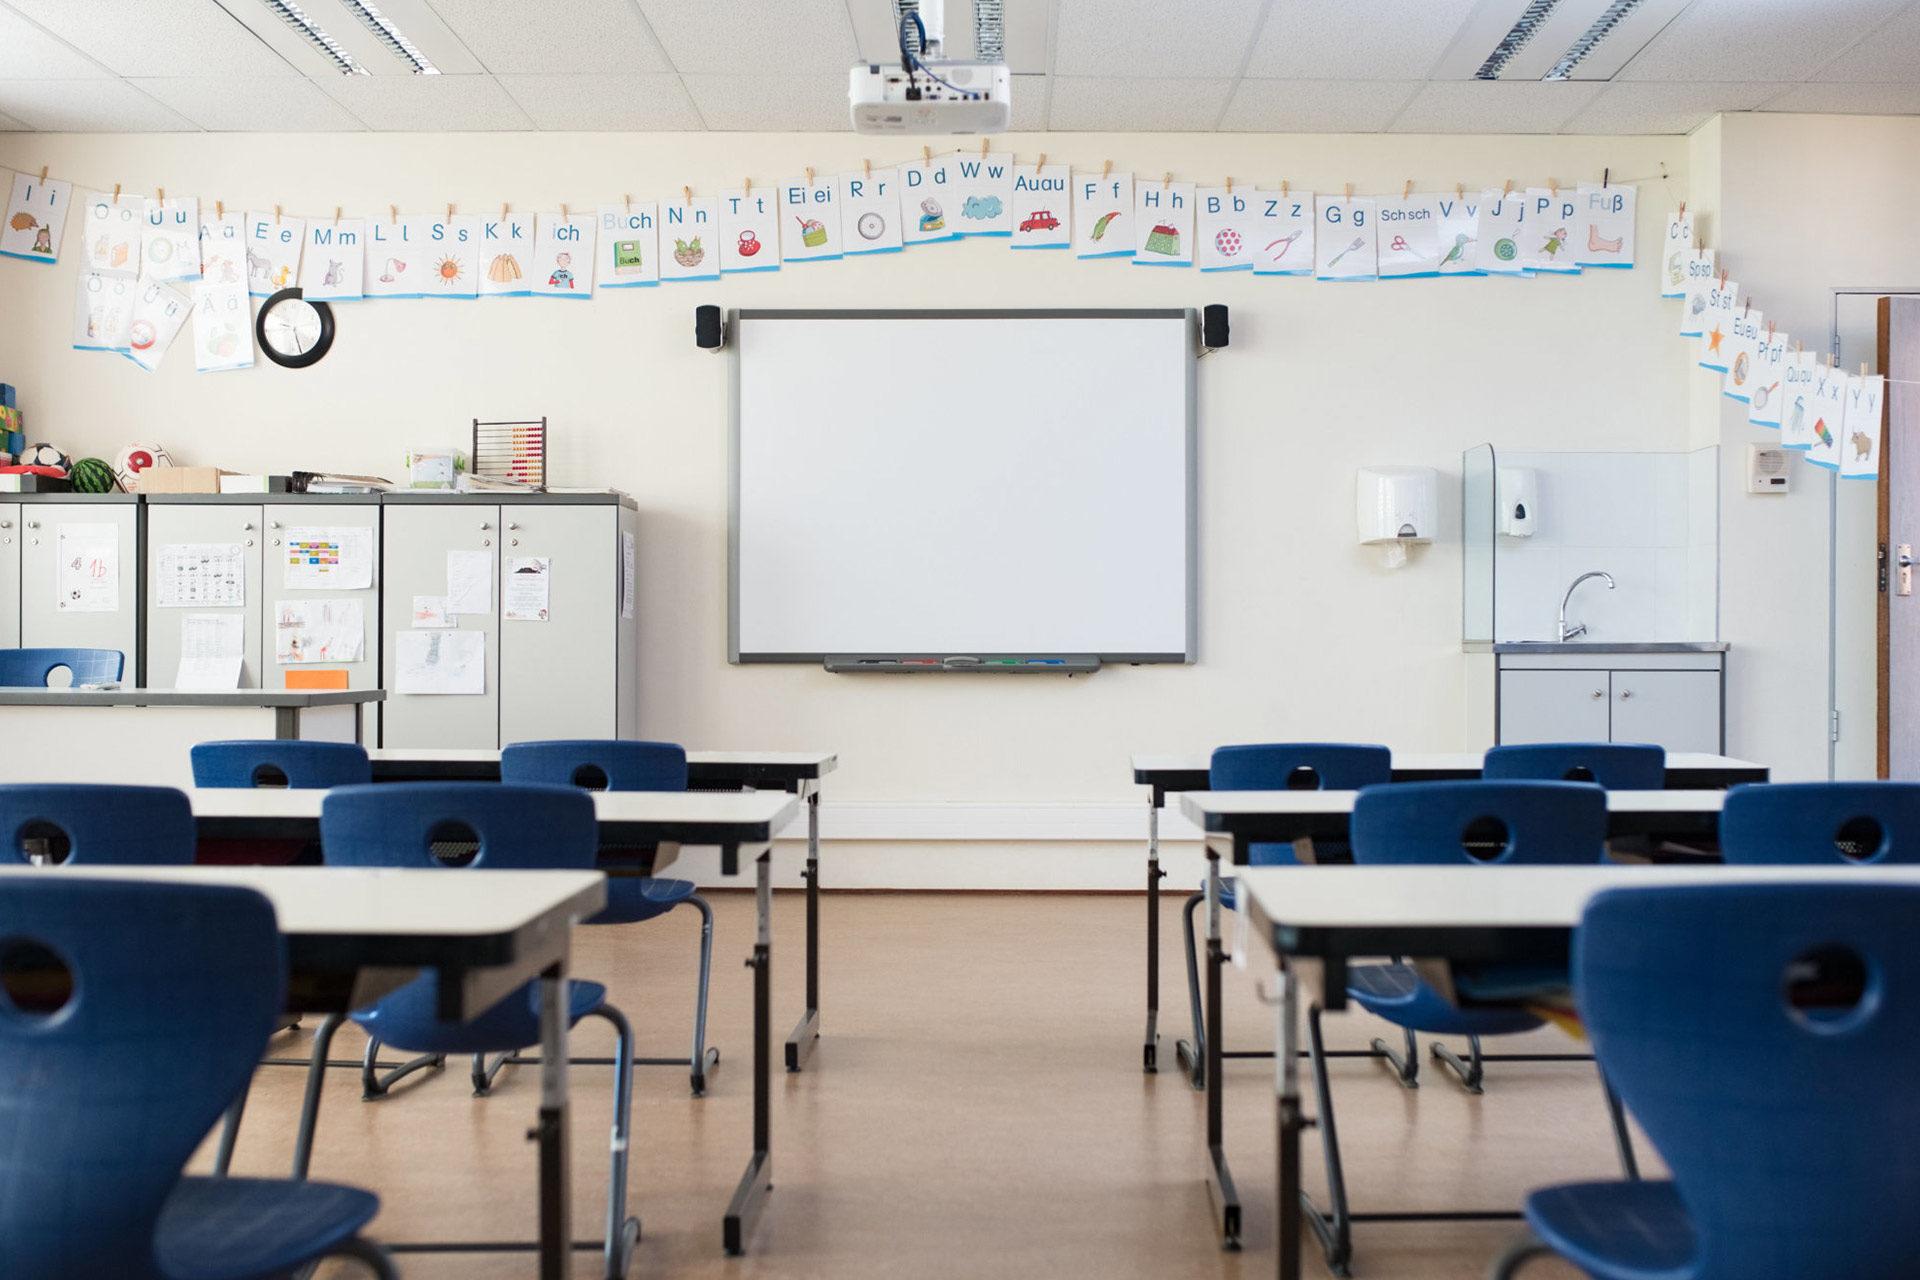 Arredo scolastico: 5 considerazioni prima di sceglierlo